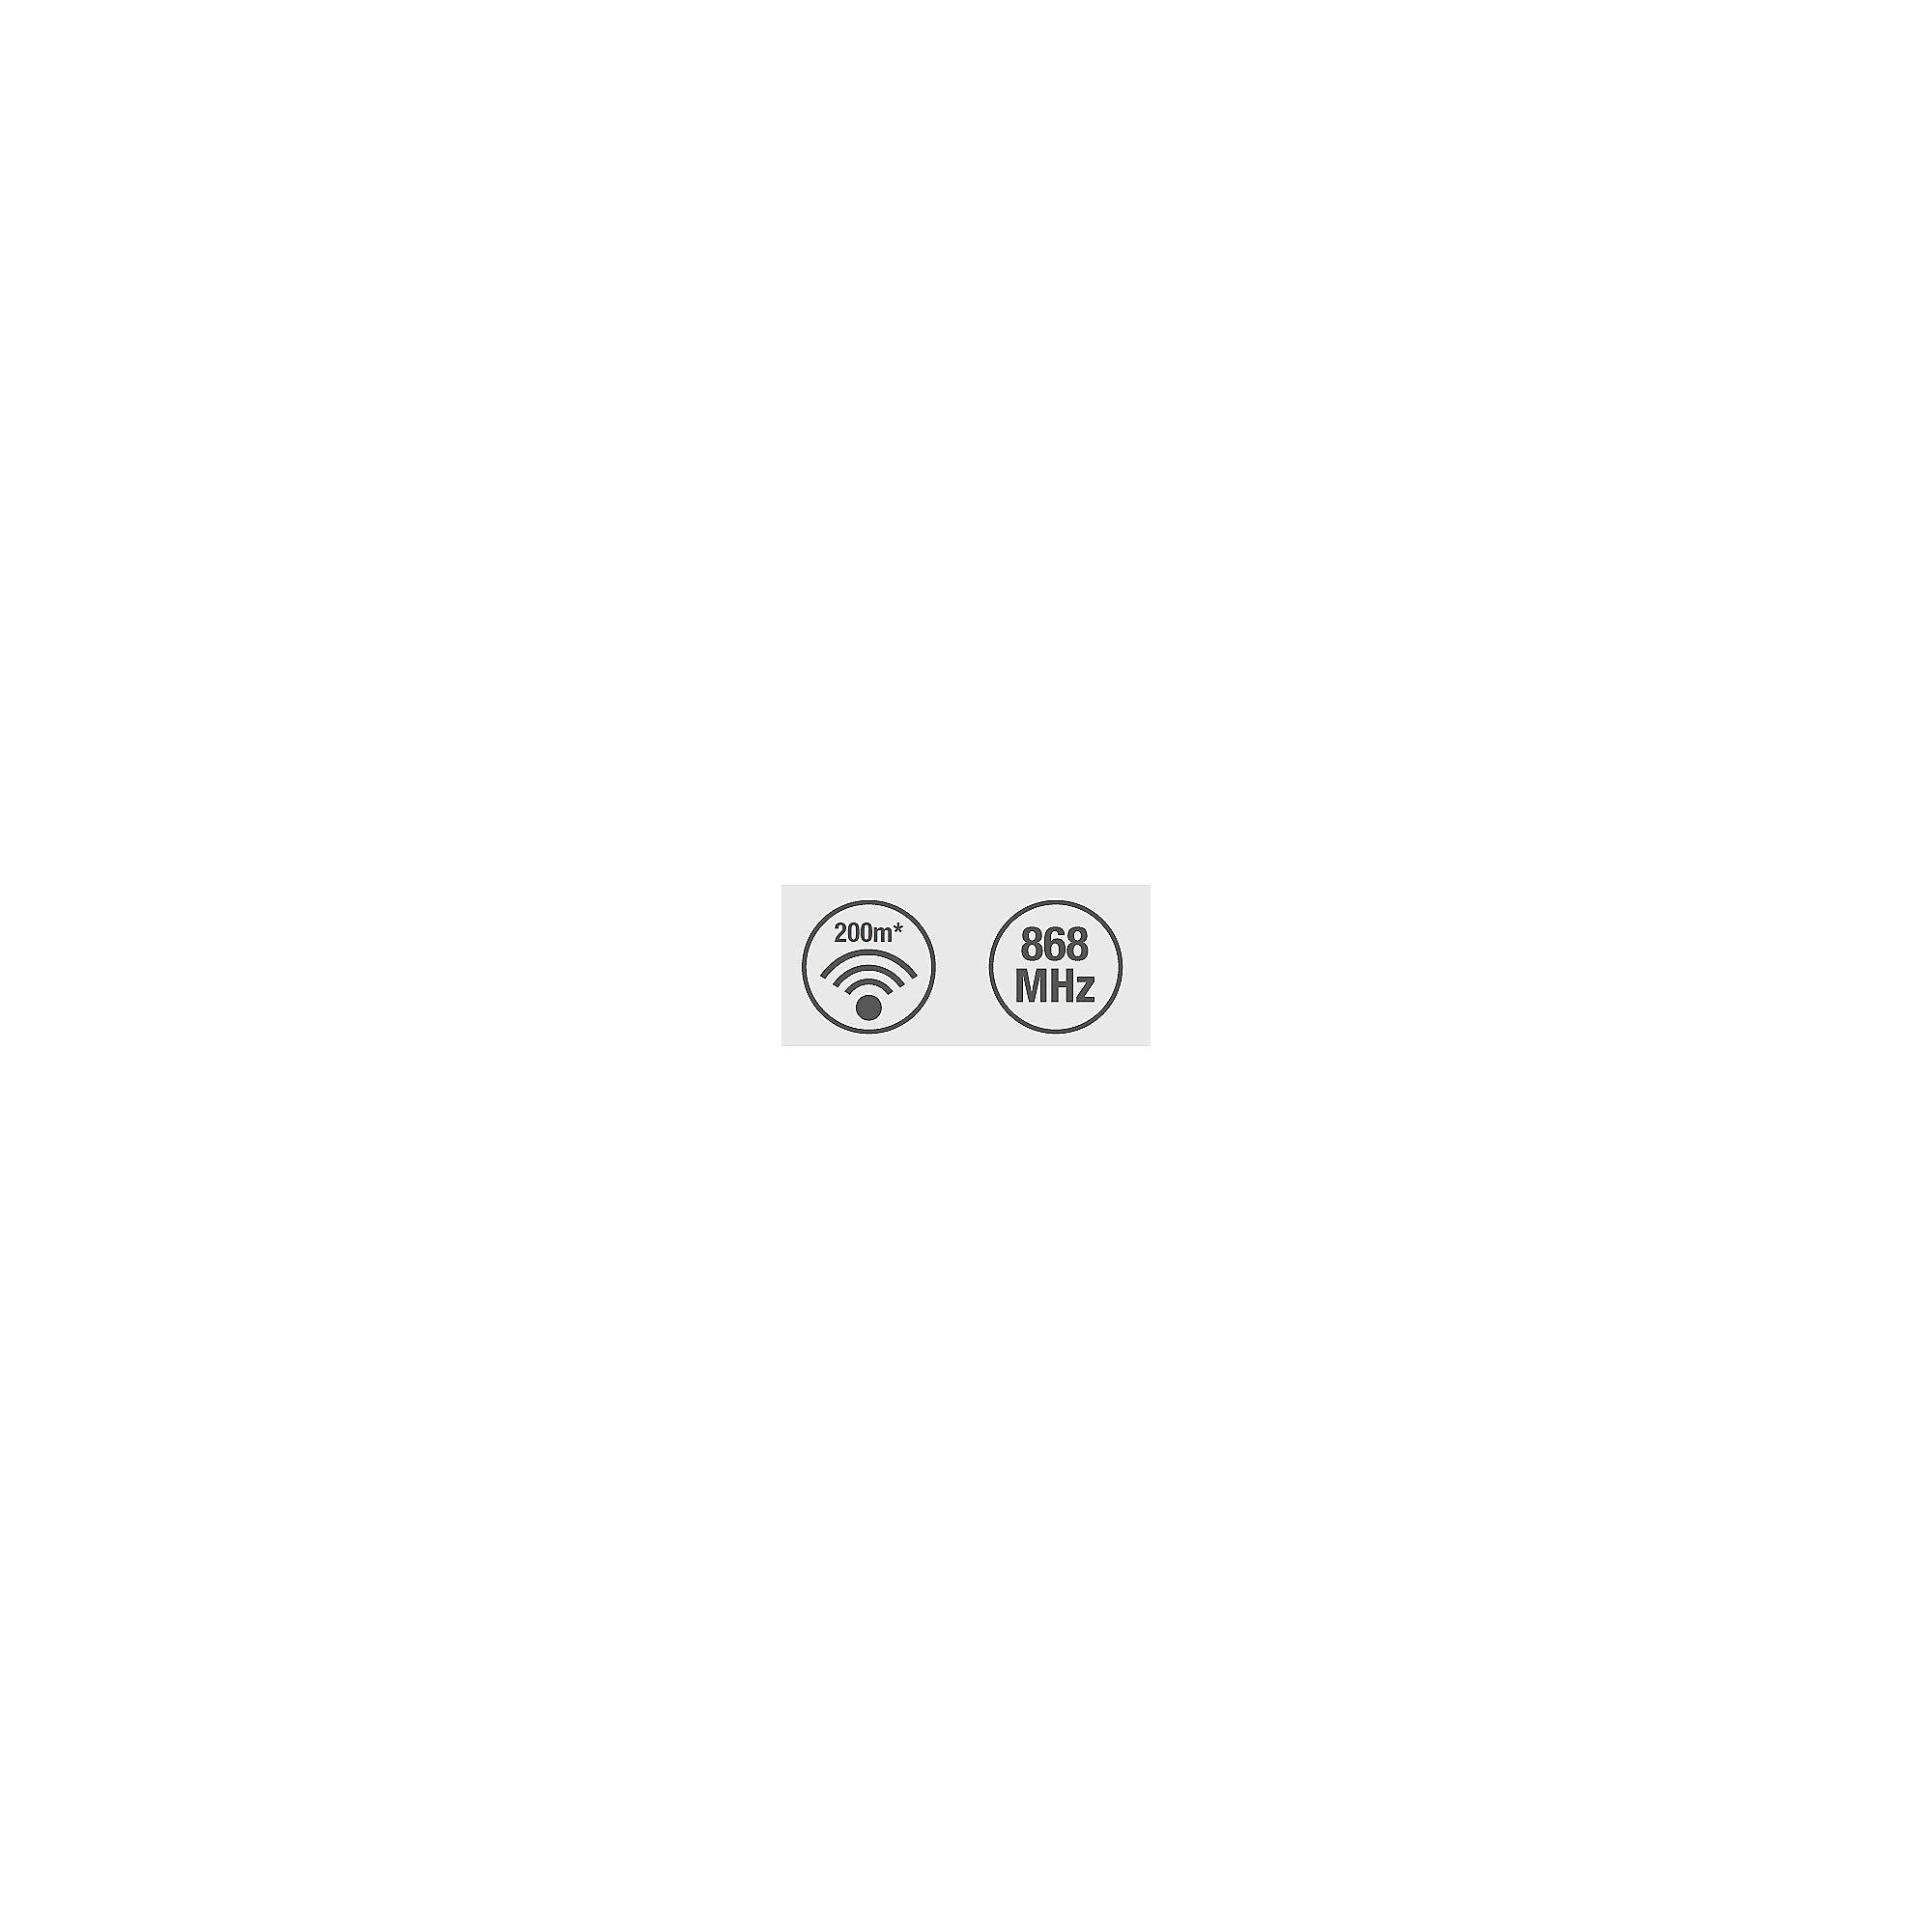 Ziemlich Markt Verdrahtetes Logo Galerie - Schaltplan Serie Circuit ...